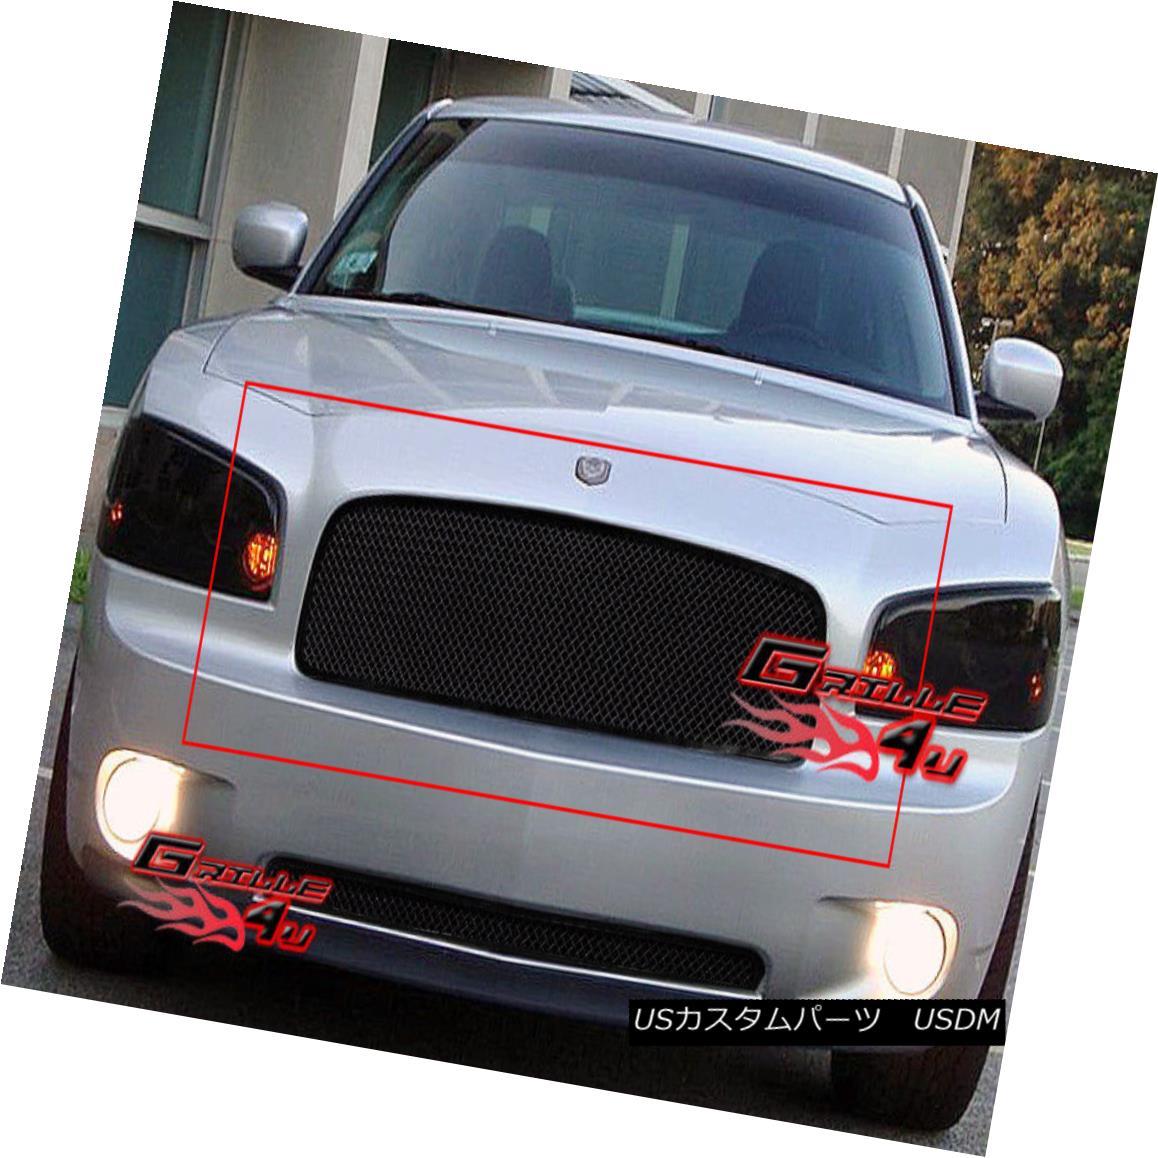 グリル For 05-10 Dodge Charger Black Stainless Mesh Grille Insert 05-10ダッジチャージャブラックステンレスメッシュグリルインサート